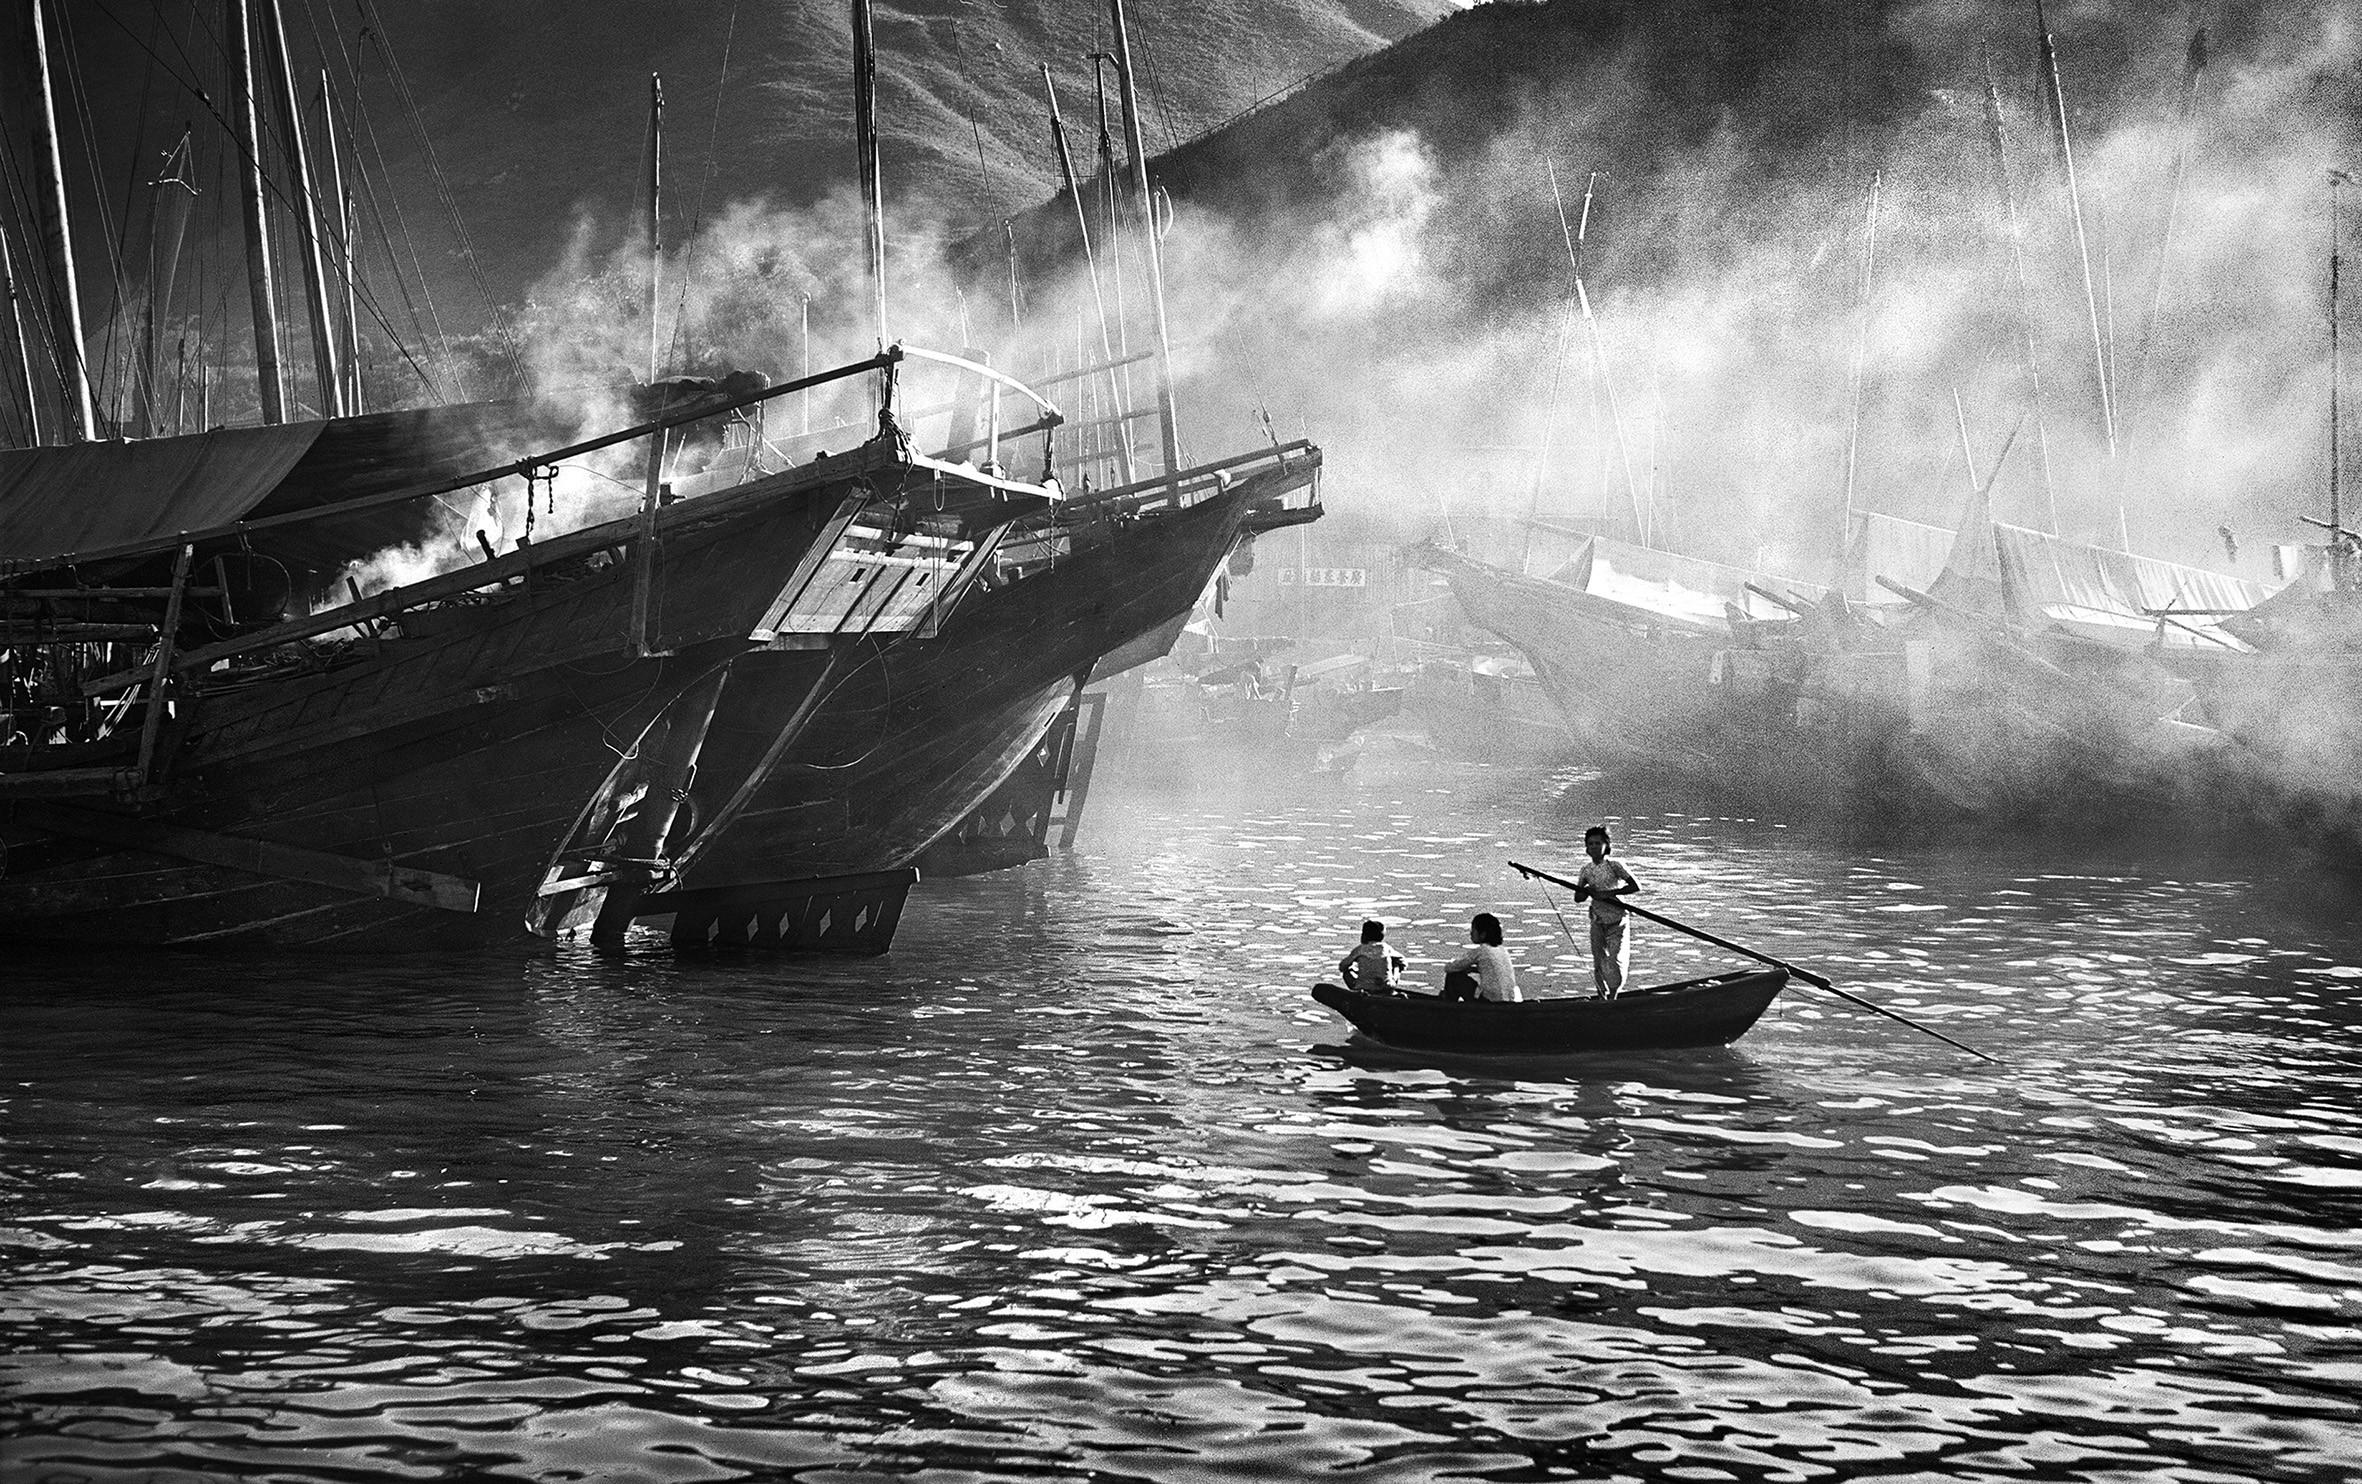 Pessoas andando num barco perto de navios